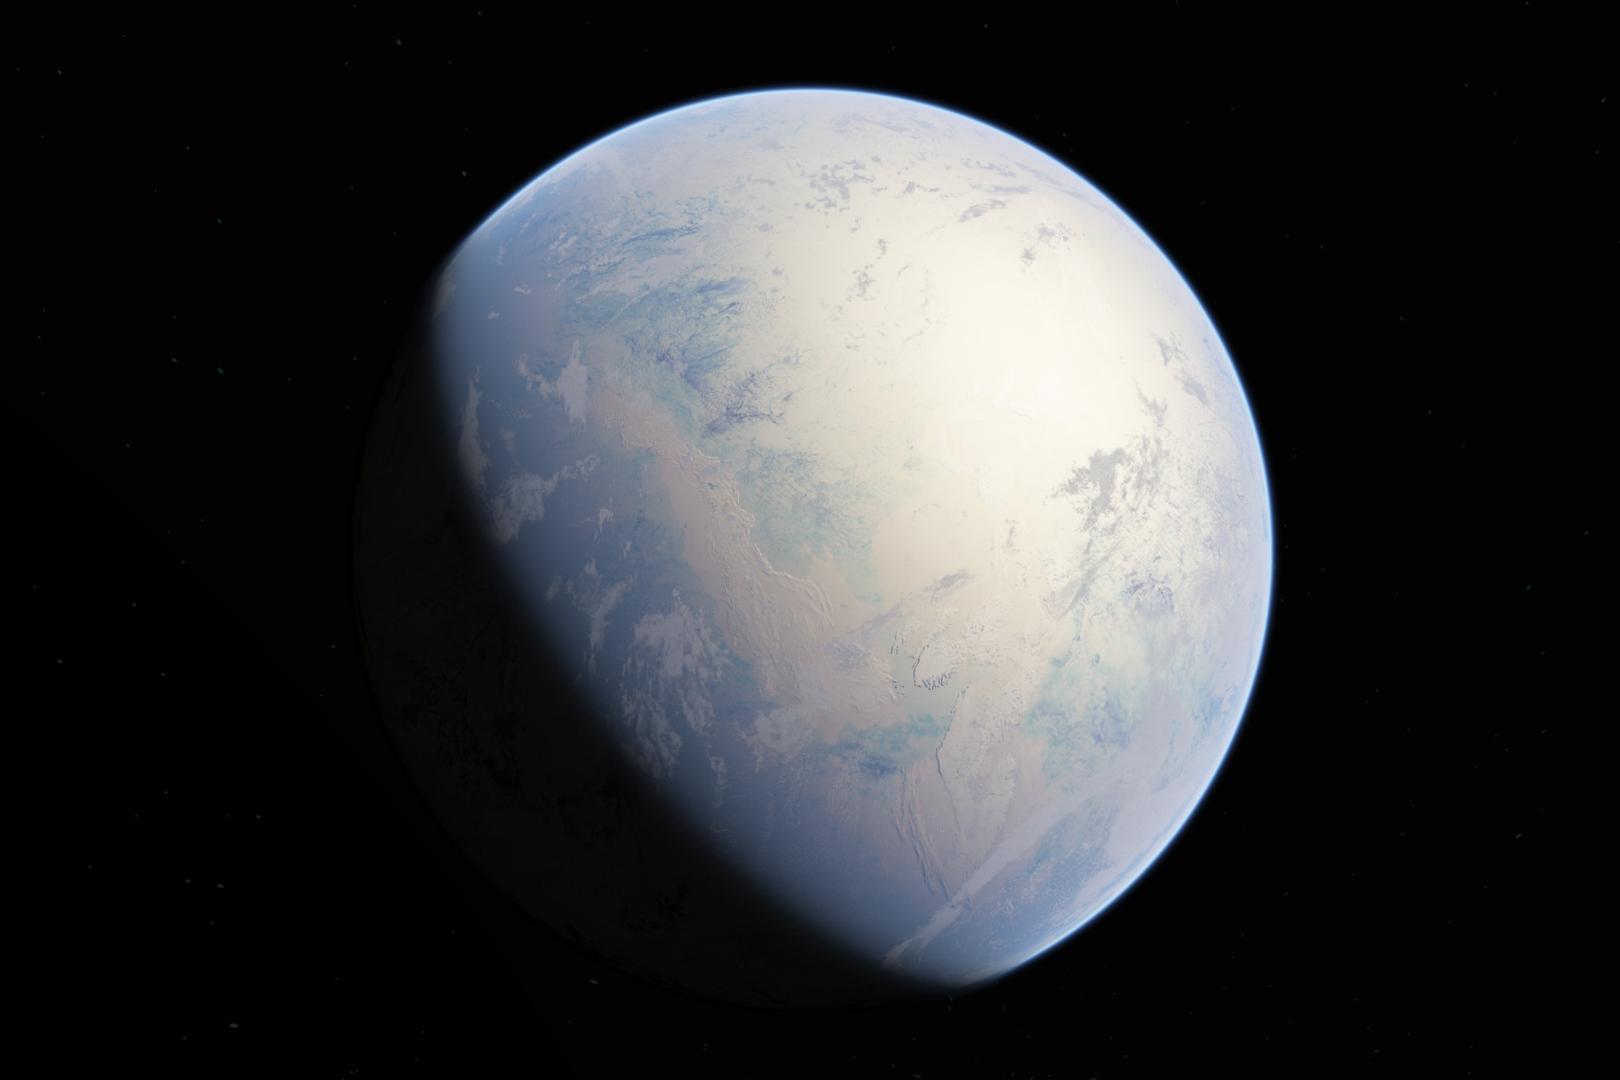 El oxígeno ¿convirtió a la Tierra en una bola de nieve?